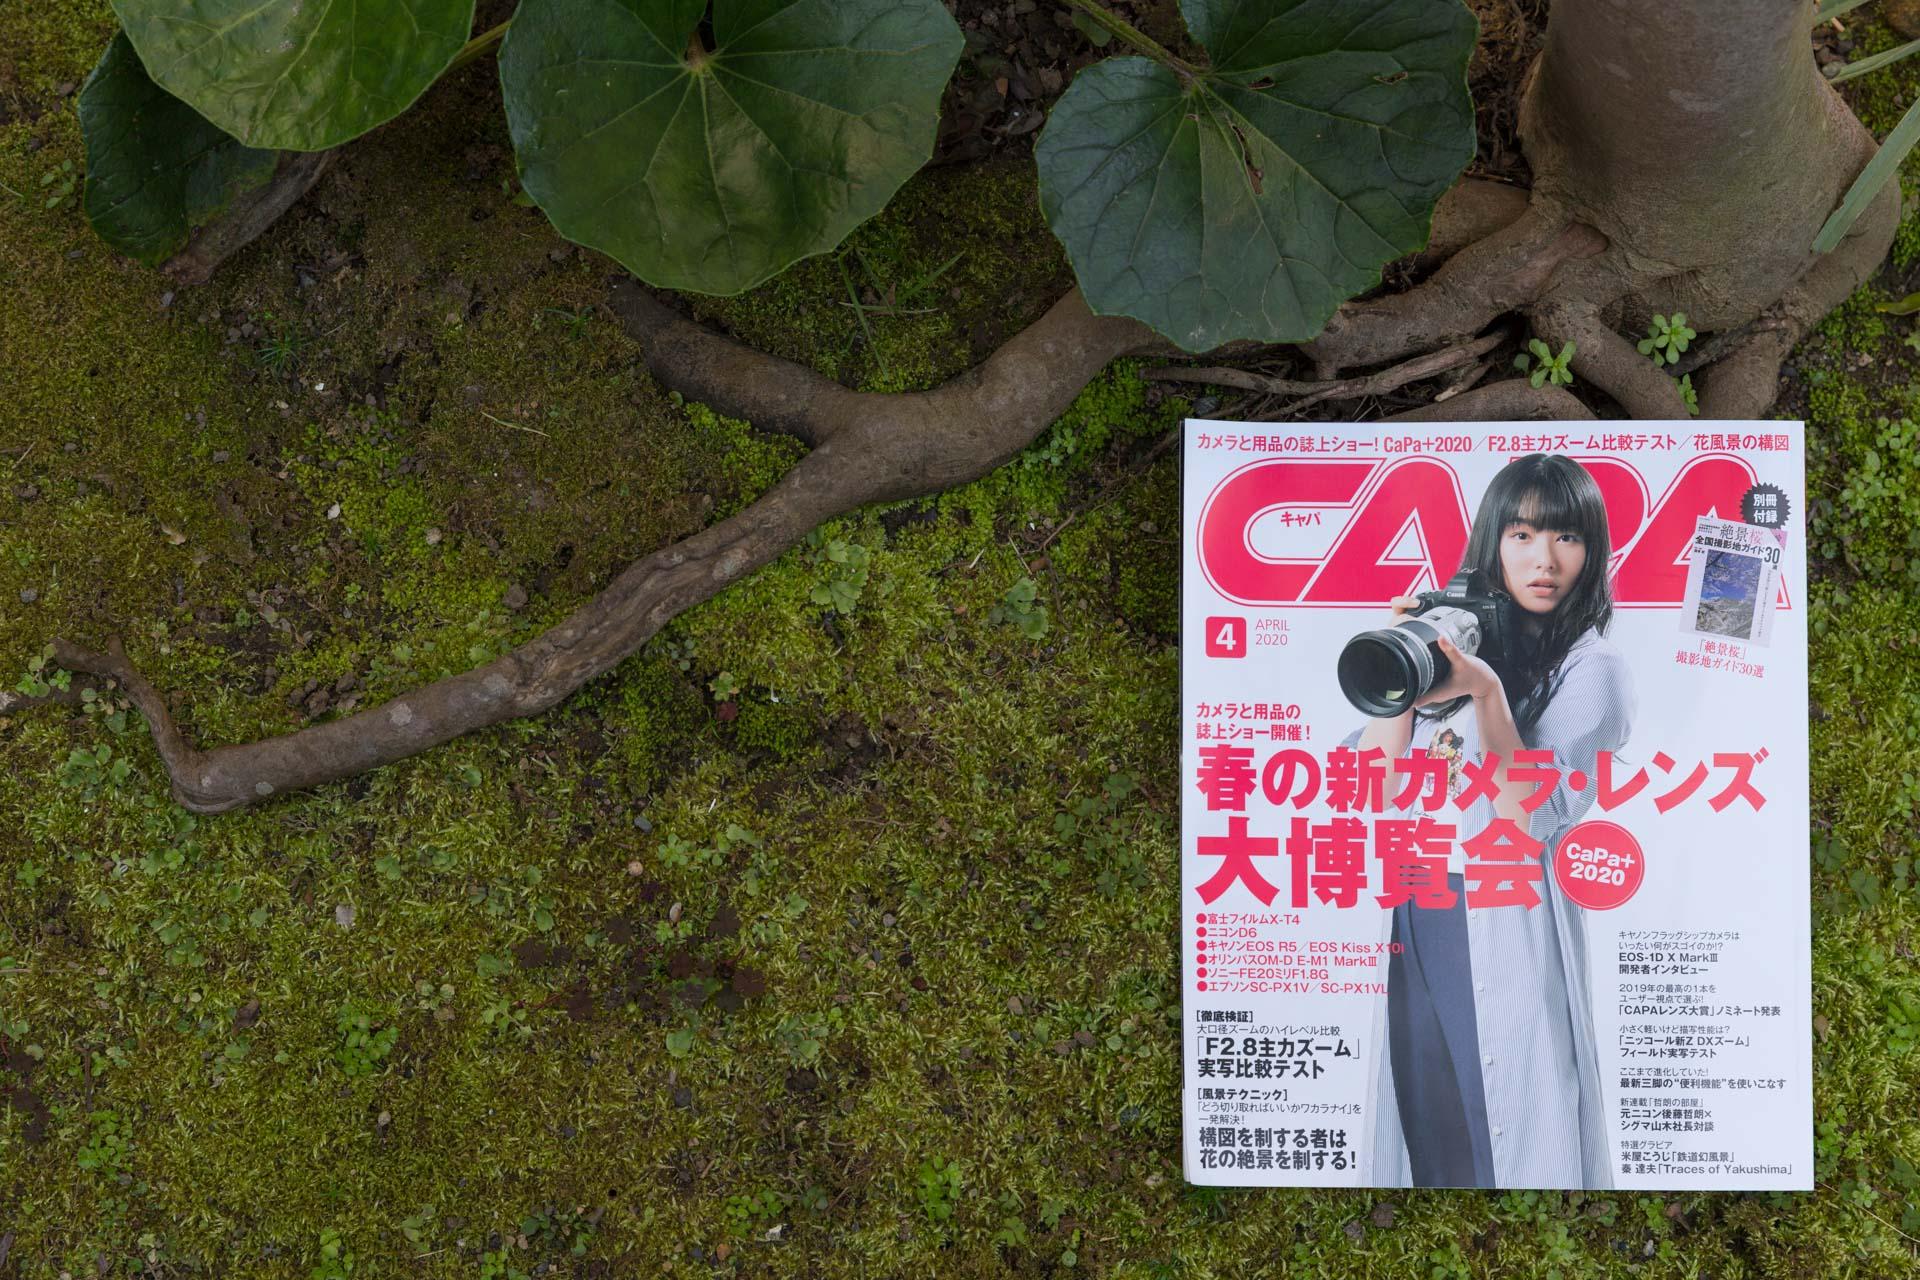 カメラ雑誌『CAPA』に対談が掲載